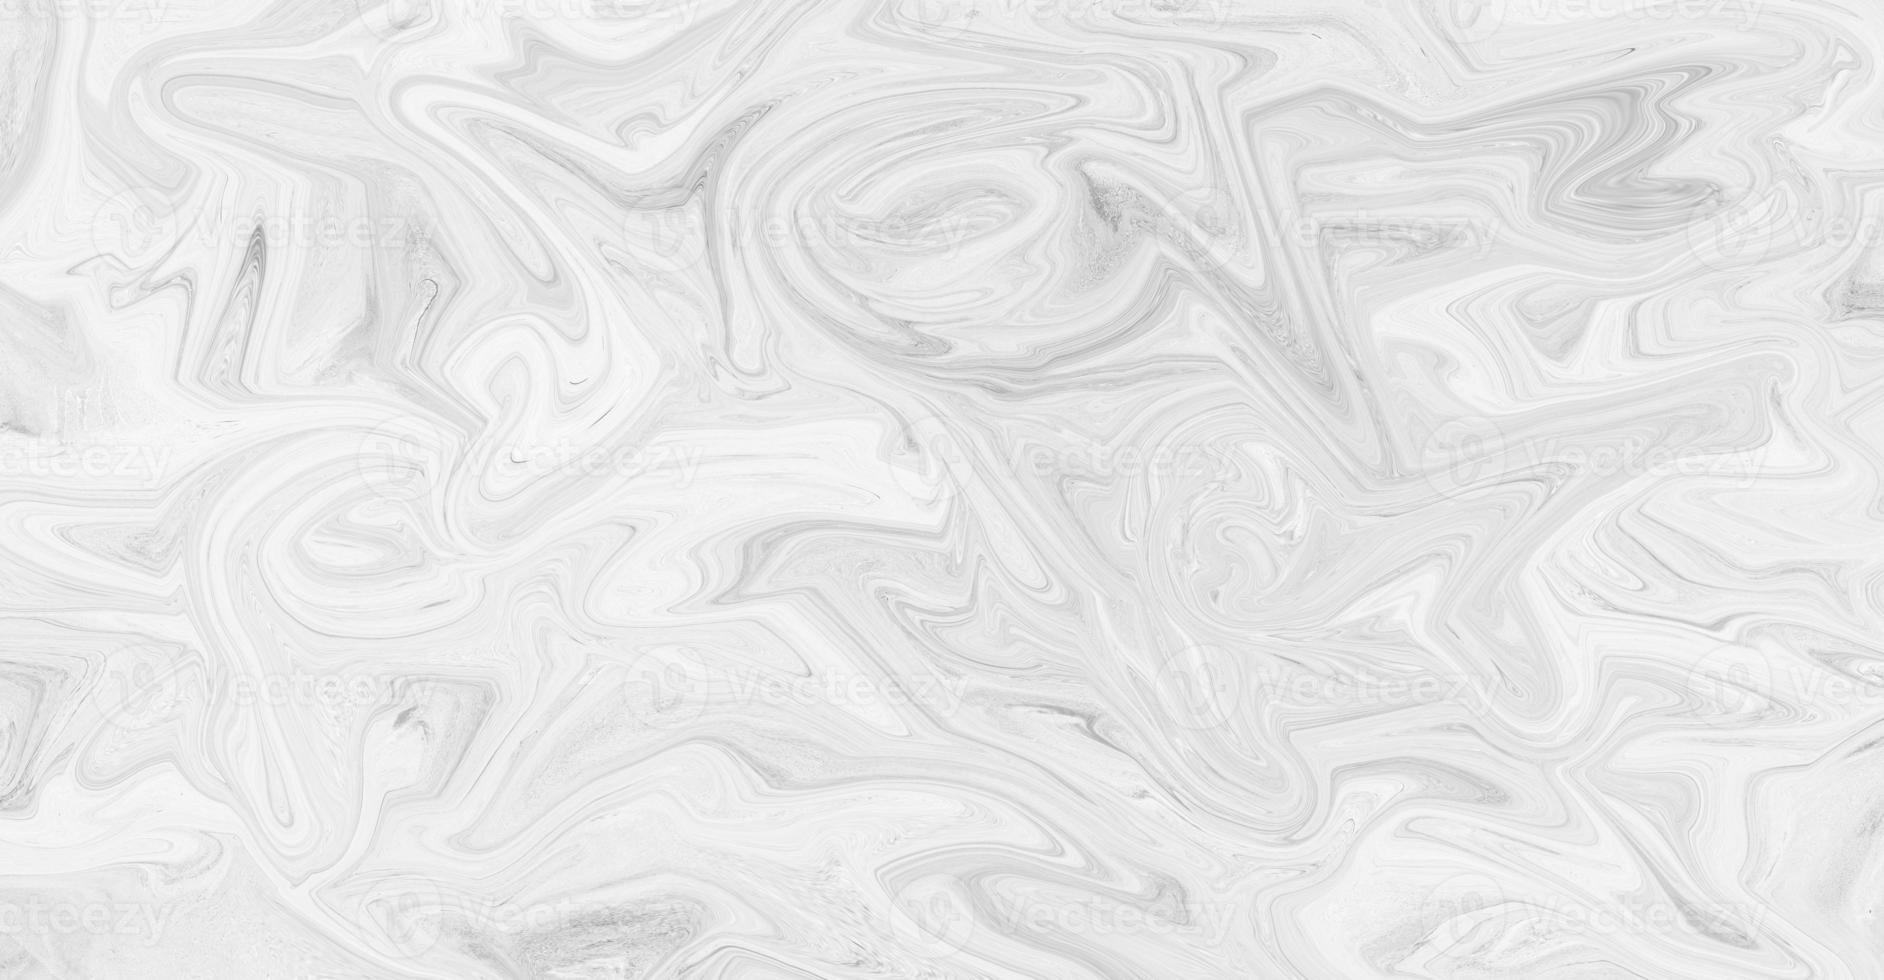 motif de fond naturel en marbre blanc pour la conception et la construction photo